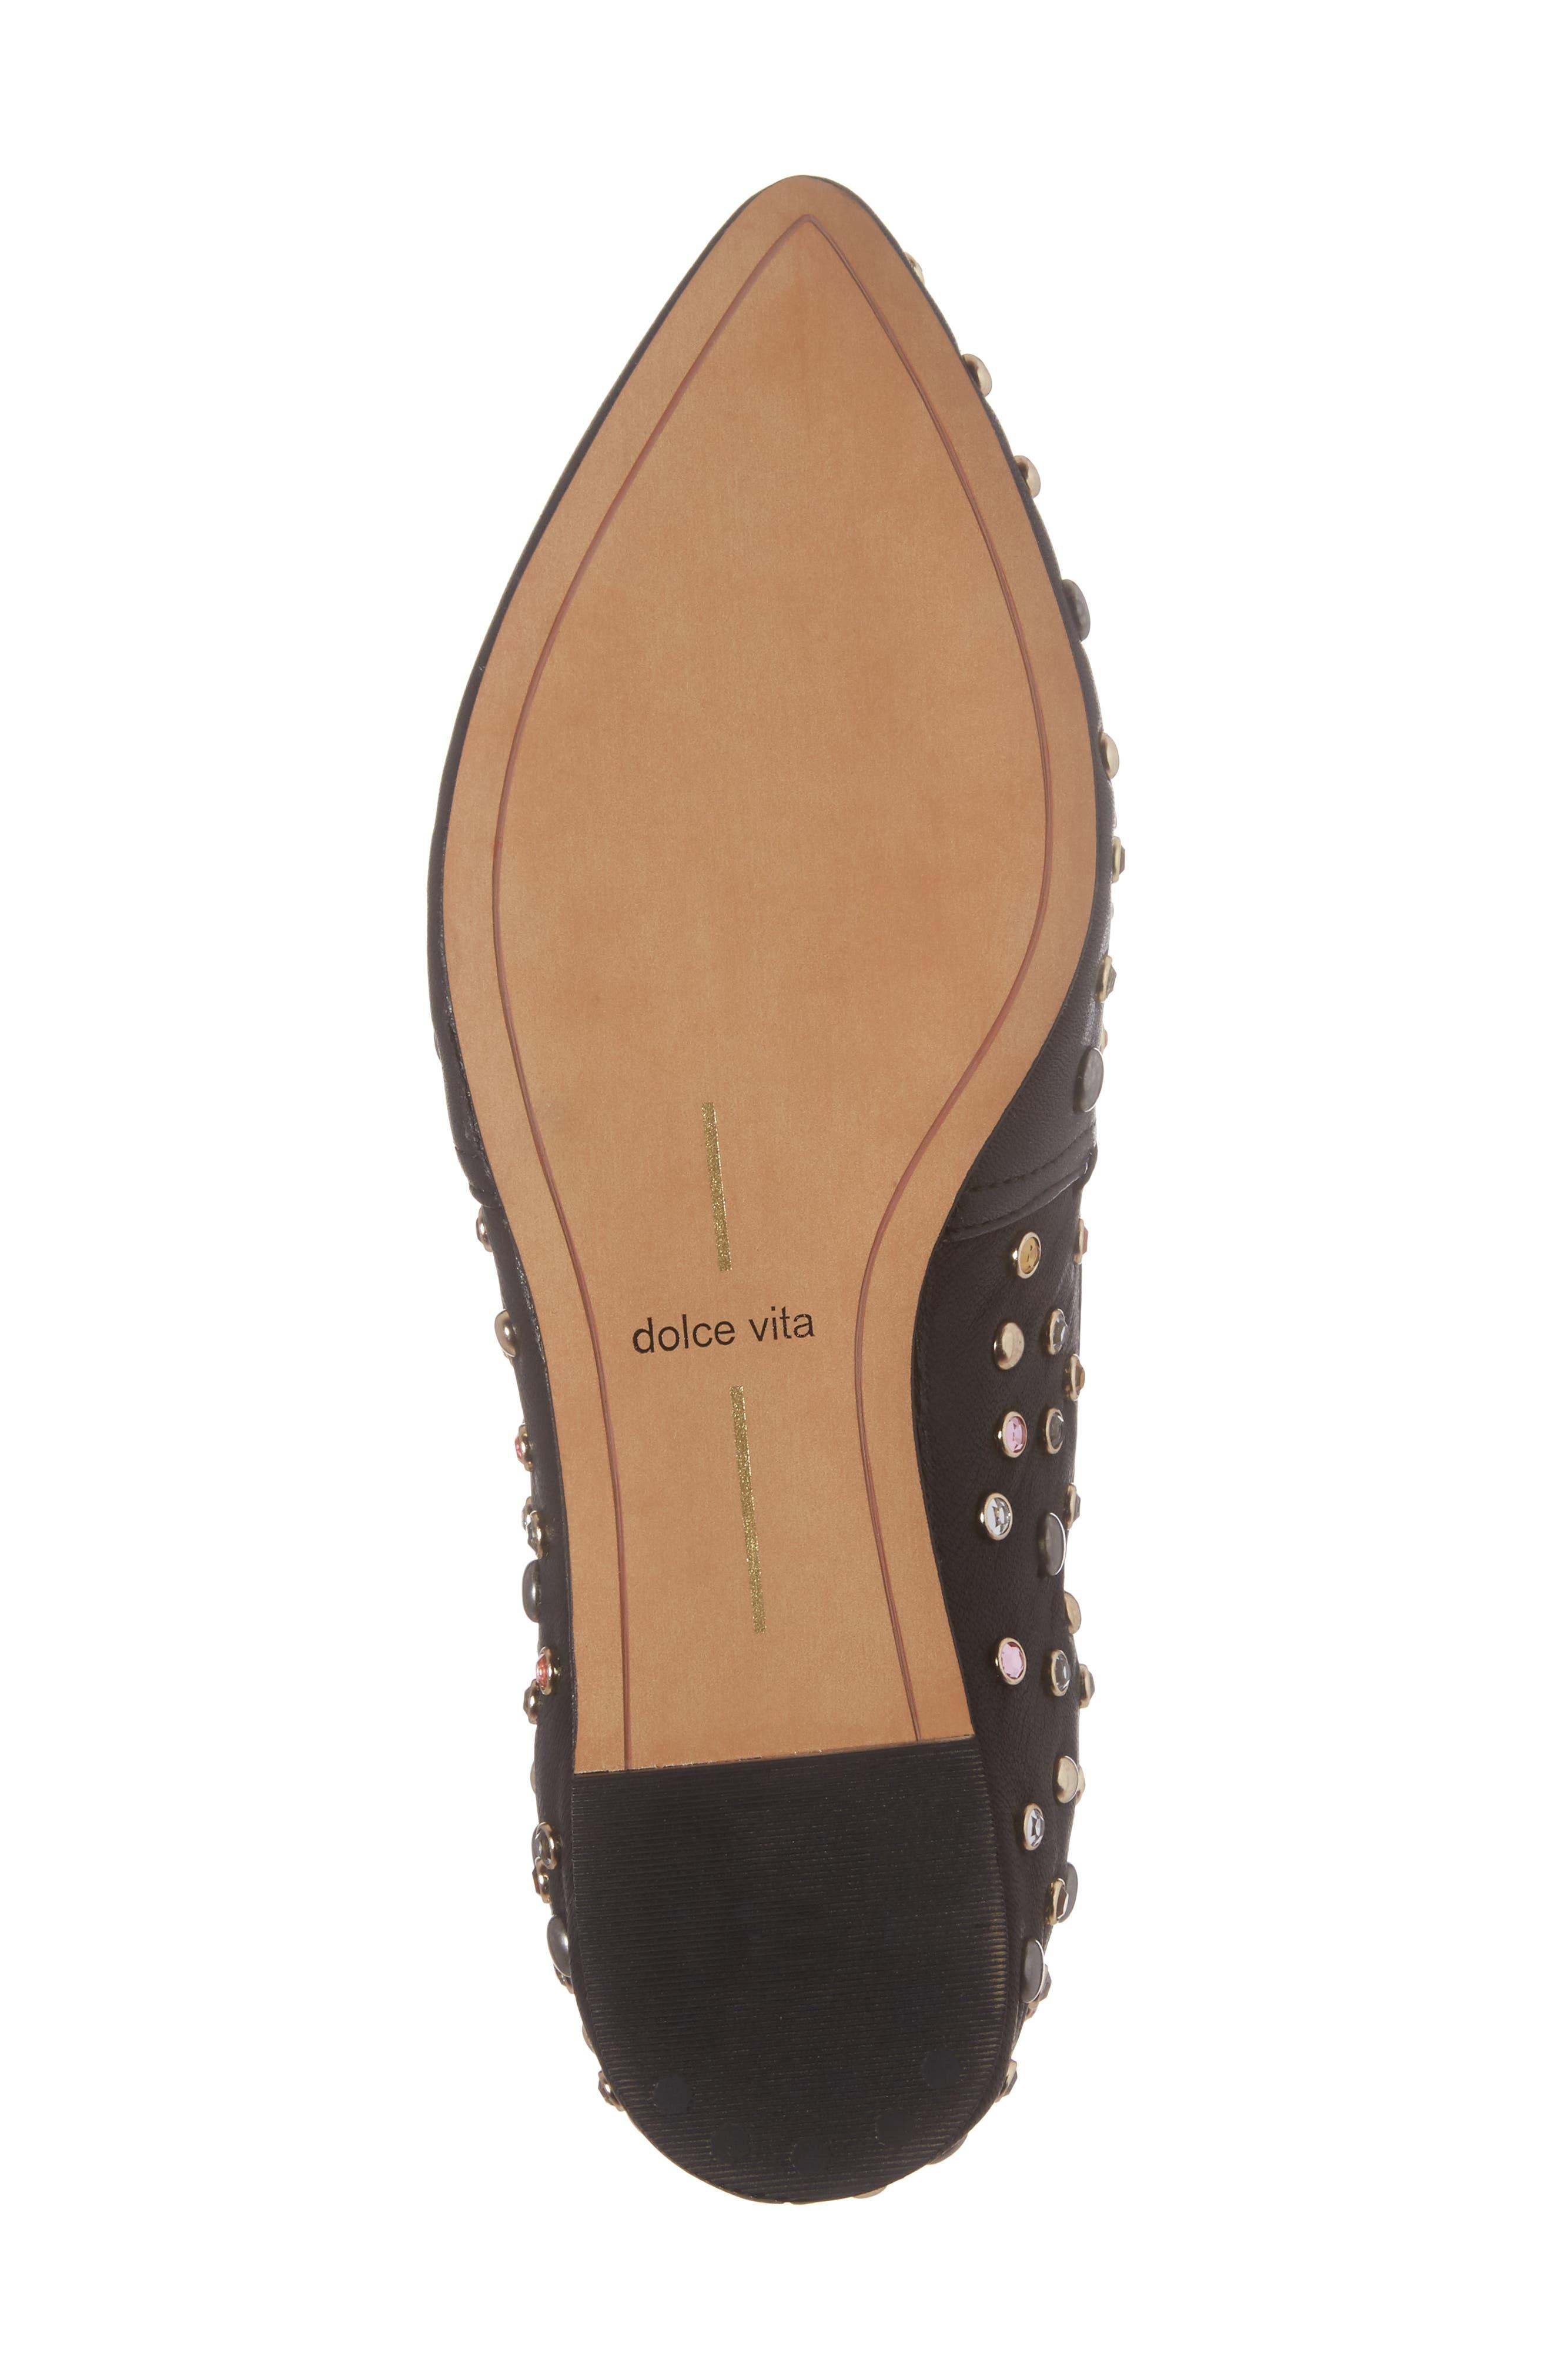 Hamond Stud Embellished Loafer Flat,                             Alternate thumbnail 6, color,                             001